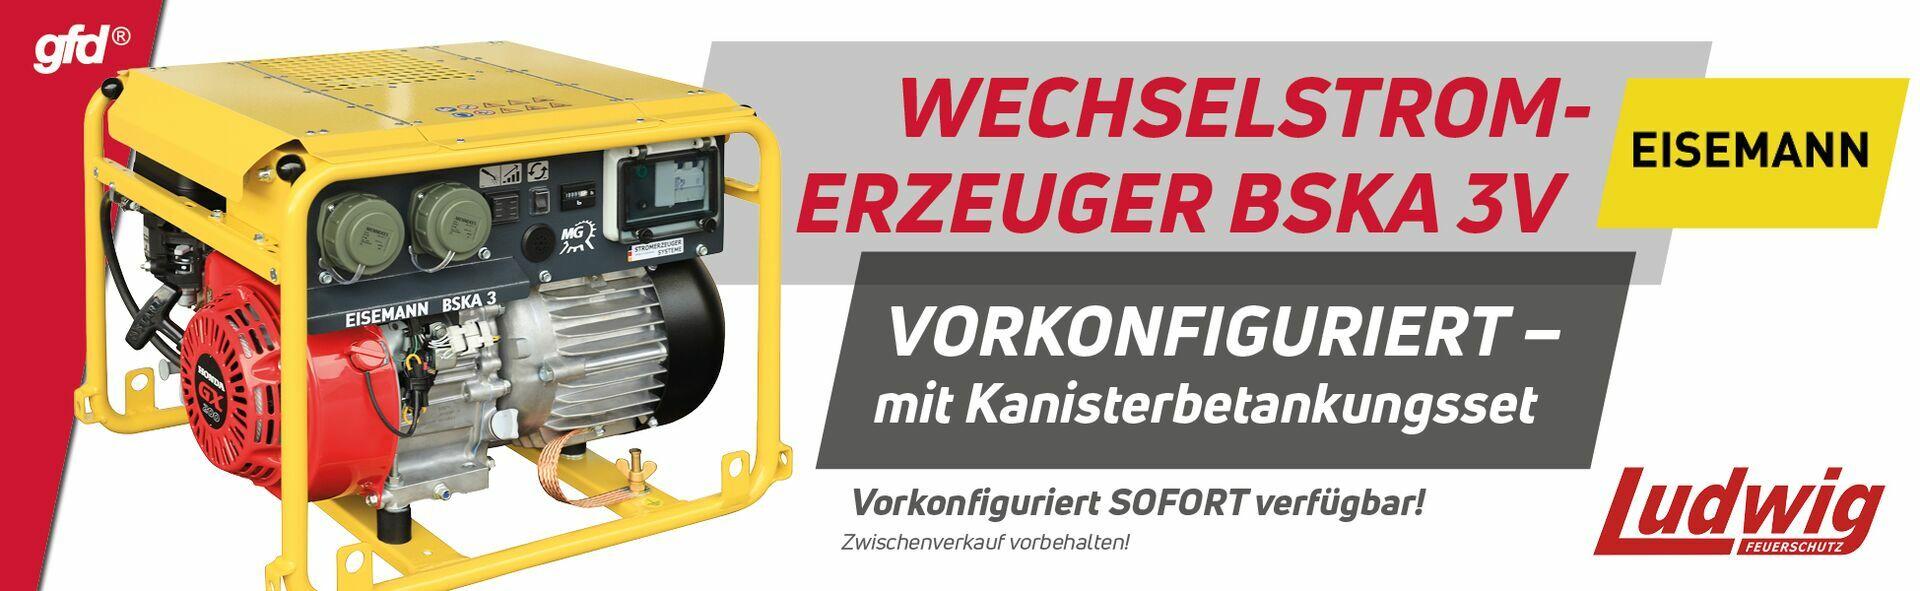 Wechselstromerzeuger BSKA 3V